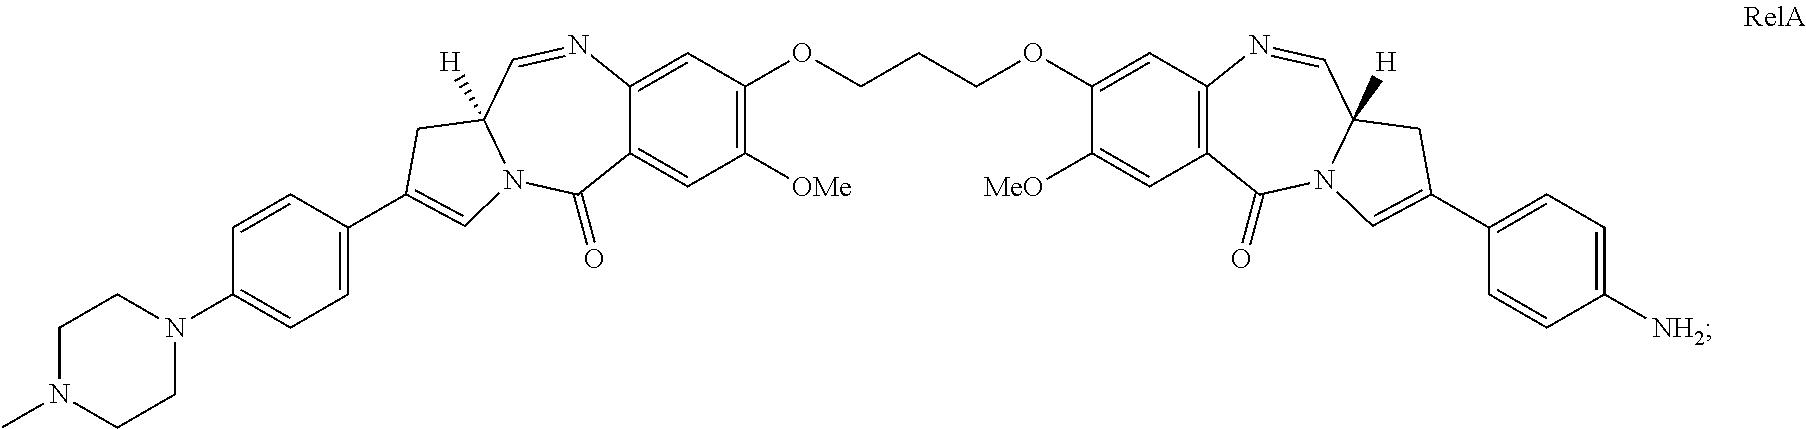 Figure US09956299-20180501-C00009